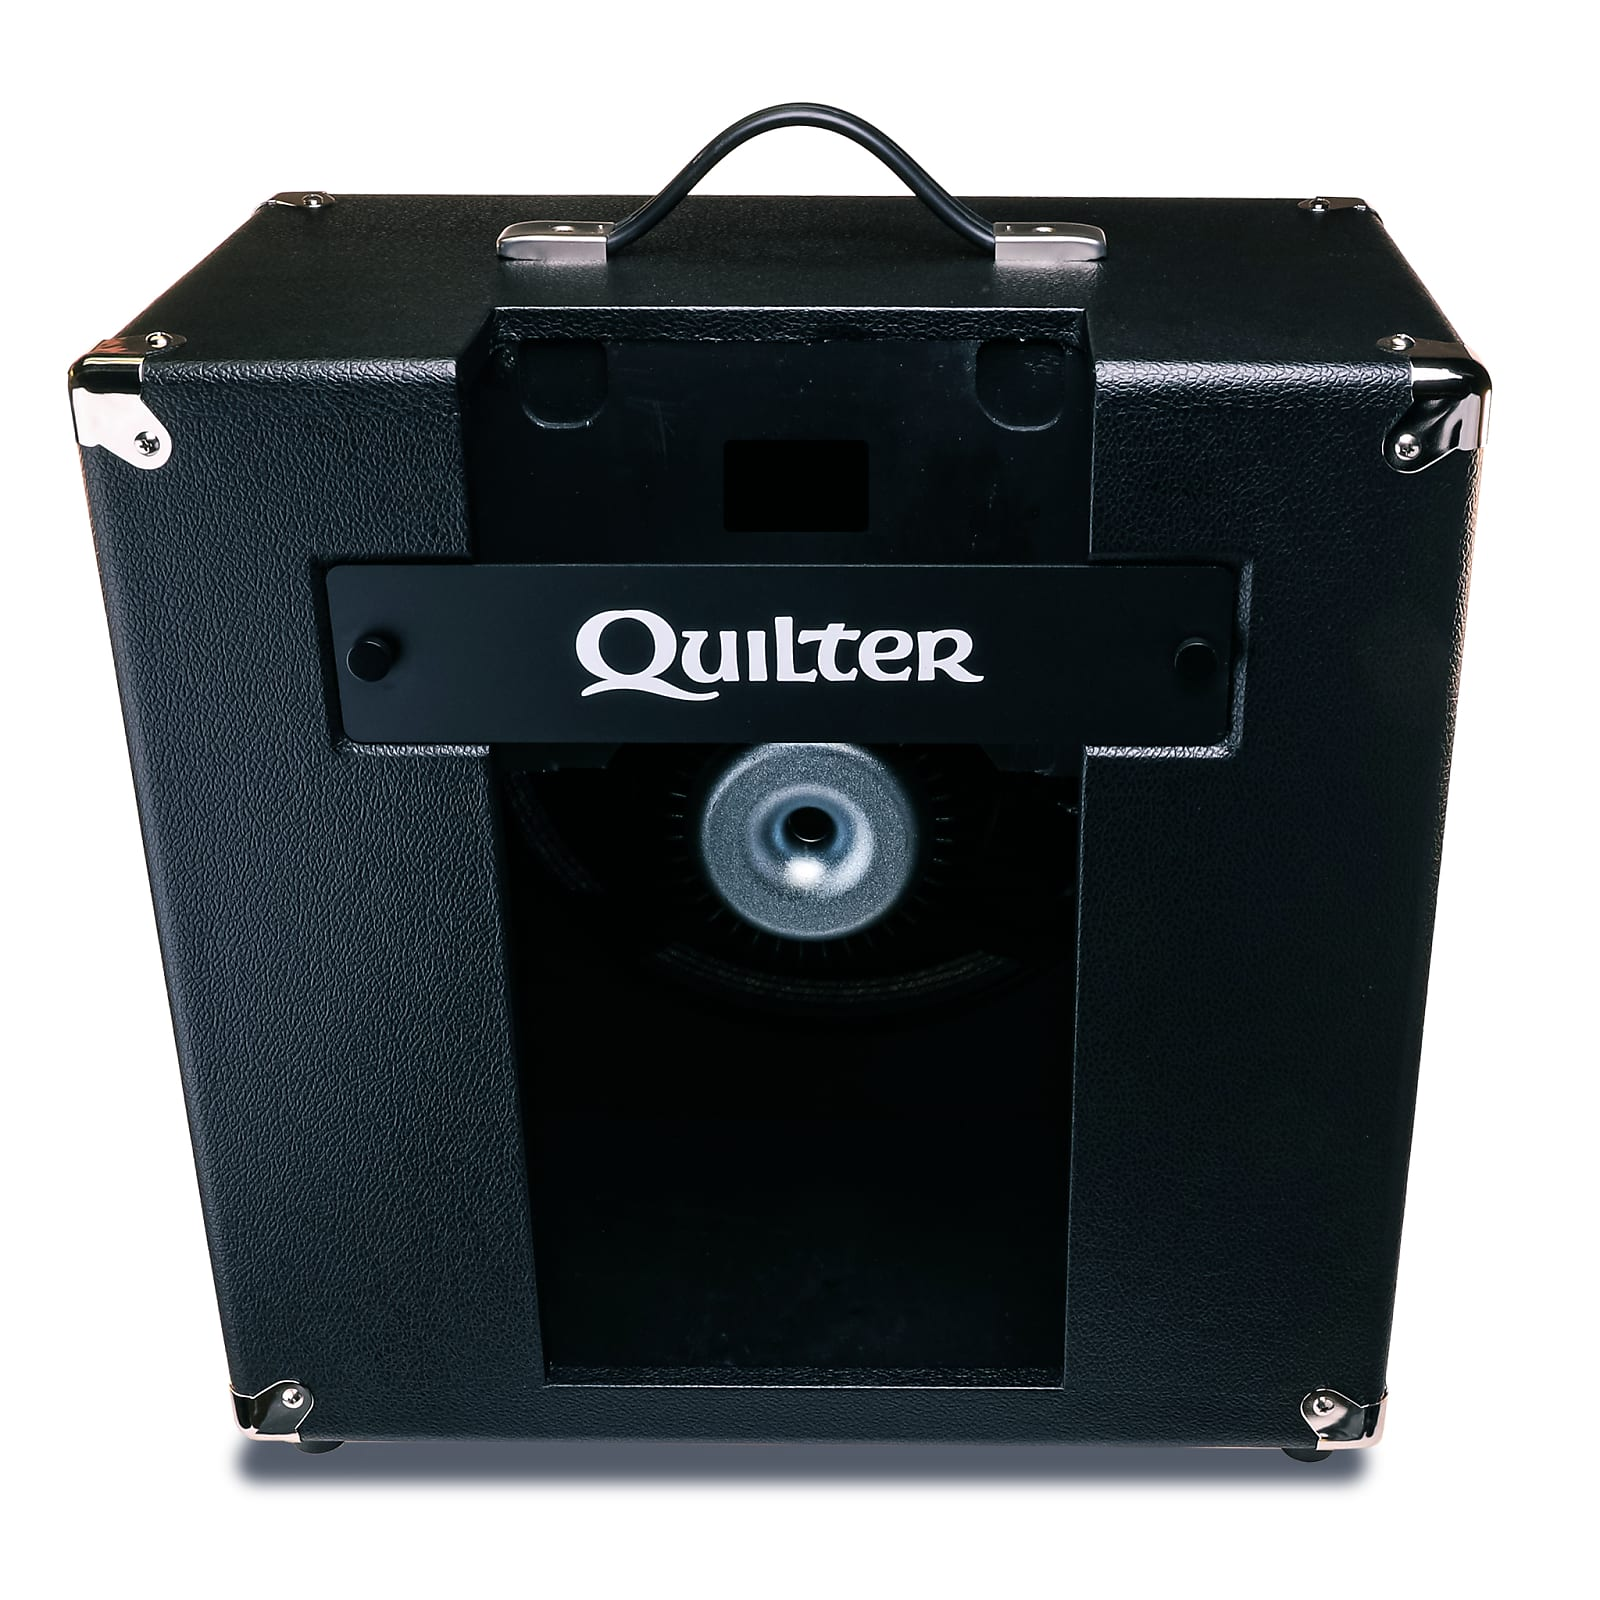 Quilter BlockDock 15 1 x 15